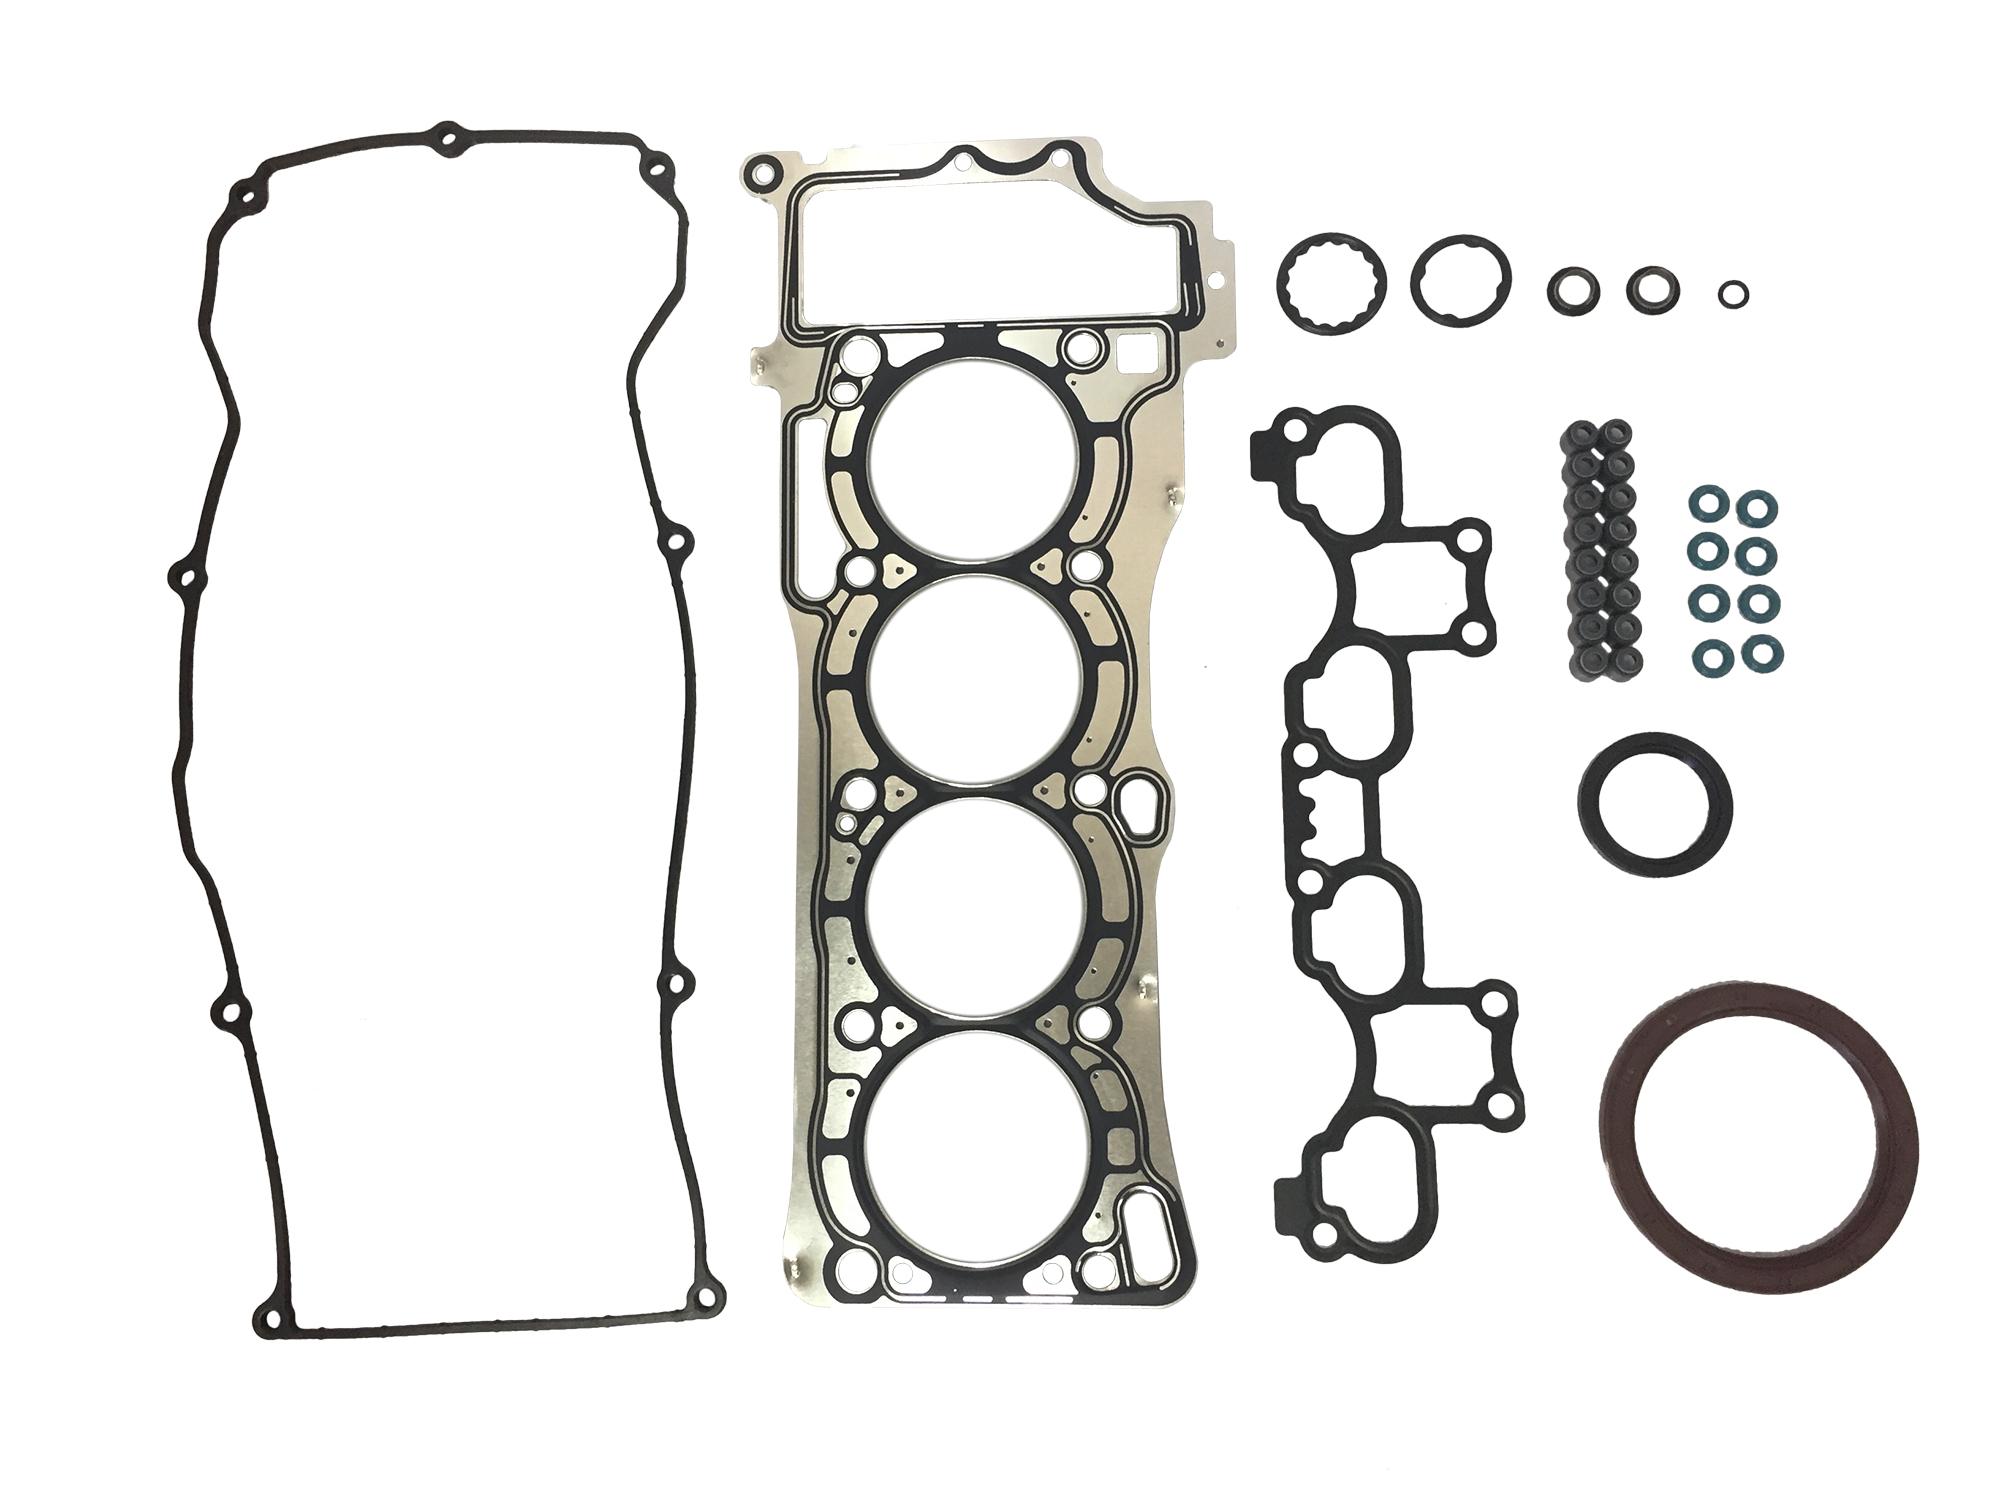 Kit de joints de Culasse Nissan Almera II N16 1,8 16V NOUVEAU QG18DE